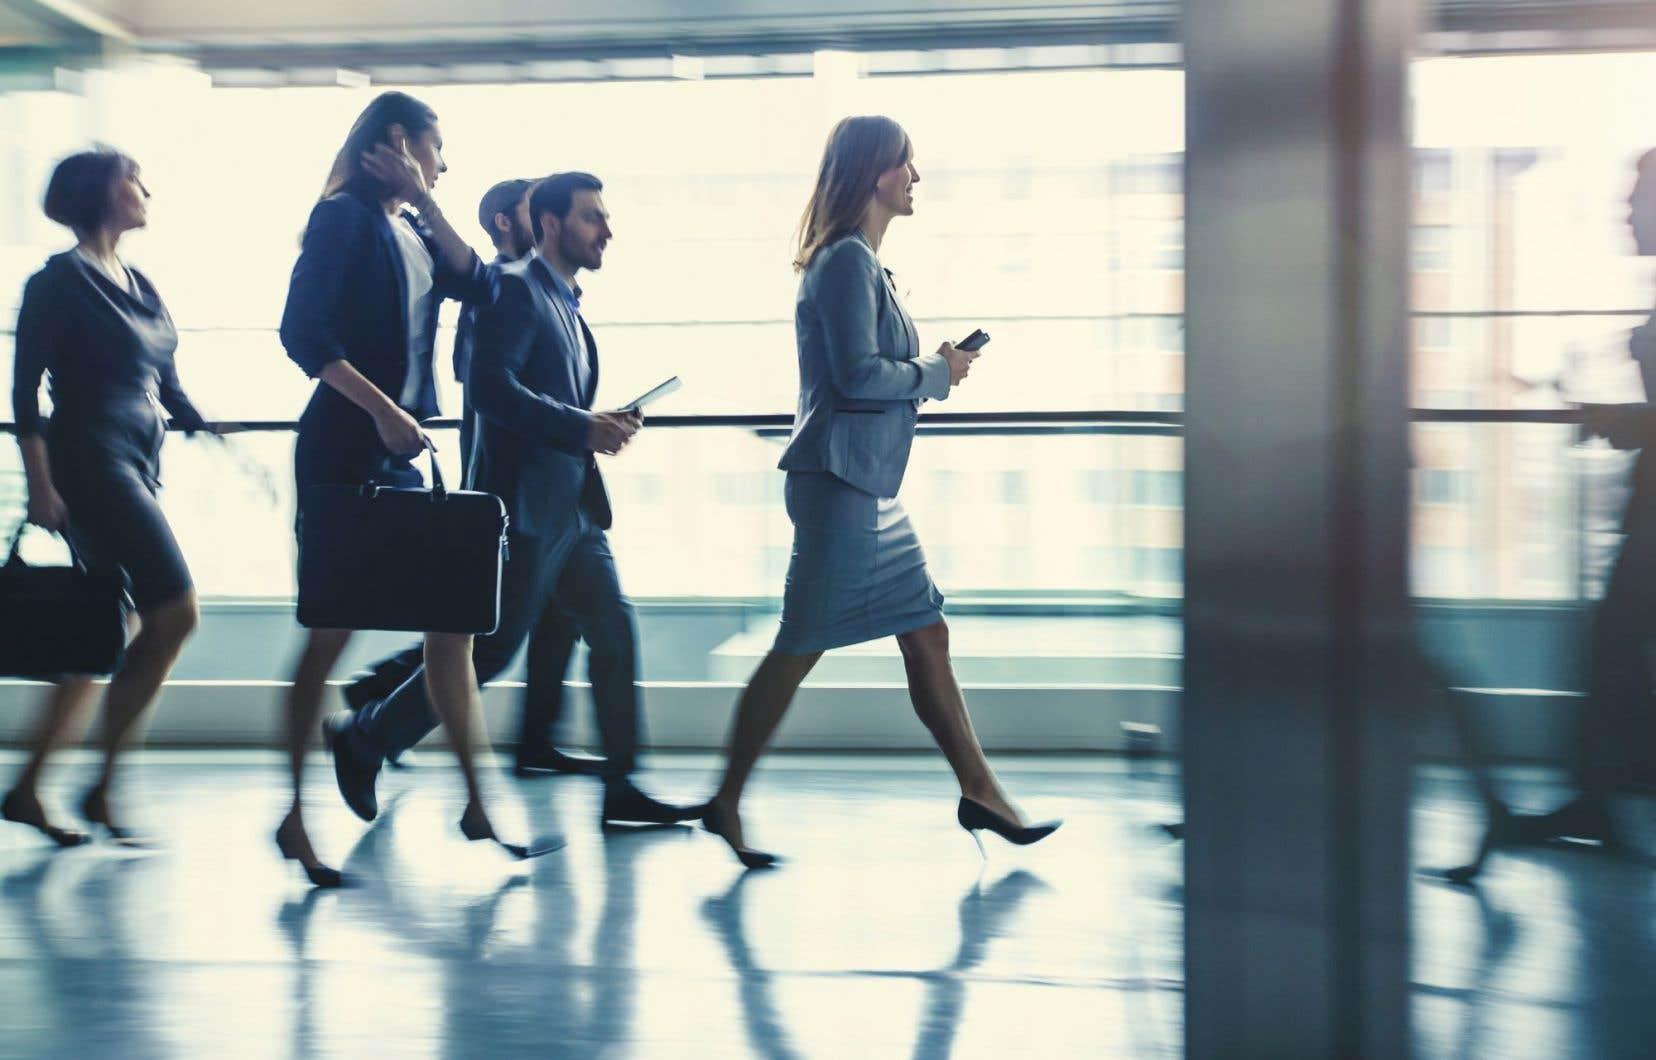 Les entreprises de l'Europe de l'Est dominent la liste avec un taux de postes de direction occupés par des femmes de 35 %, alors que seulement 16 % des entreprises n'ont aucune femme dans ces fonctions.